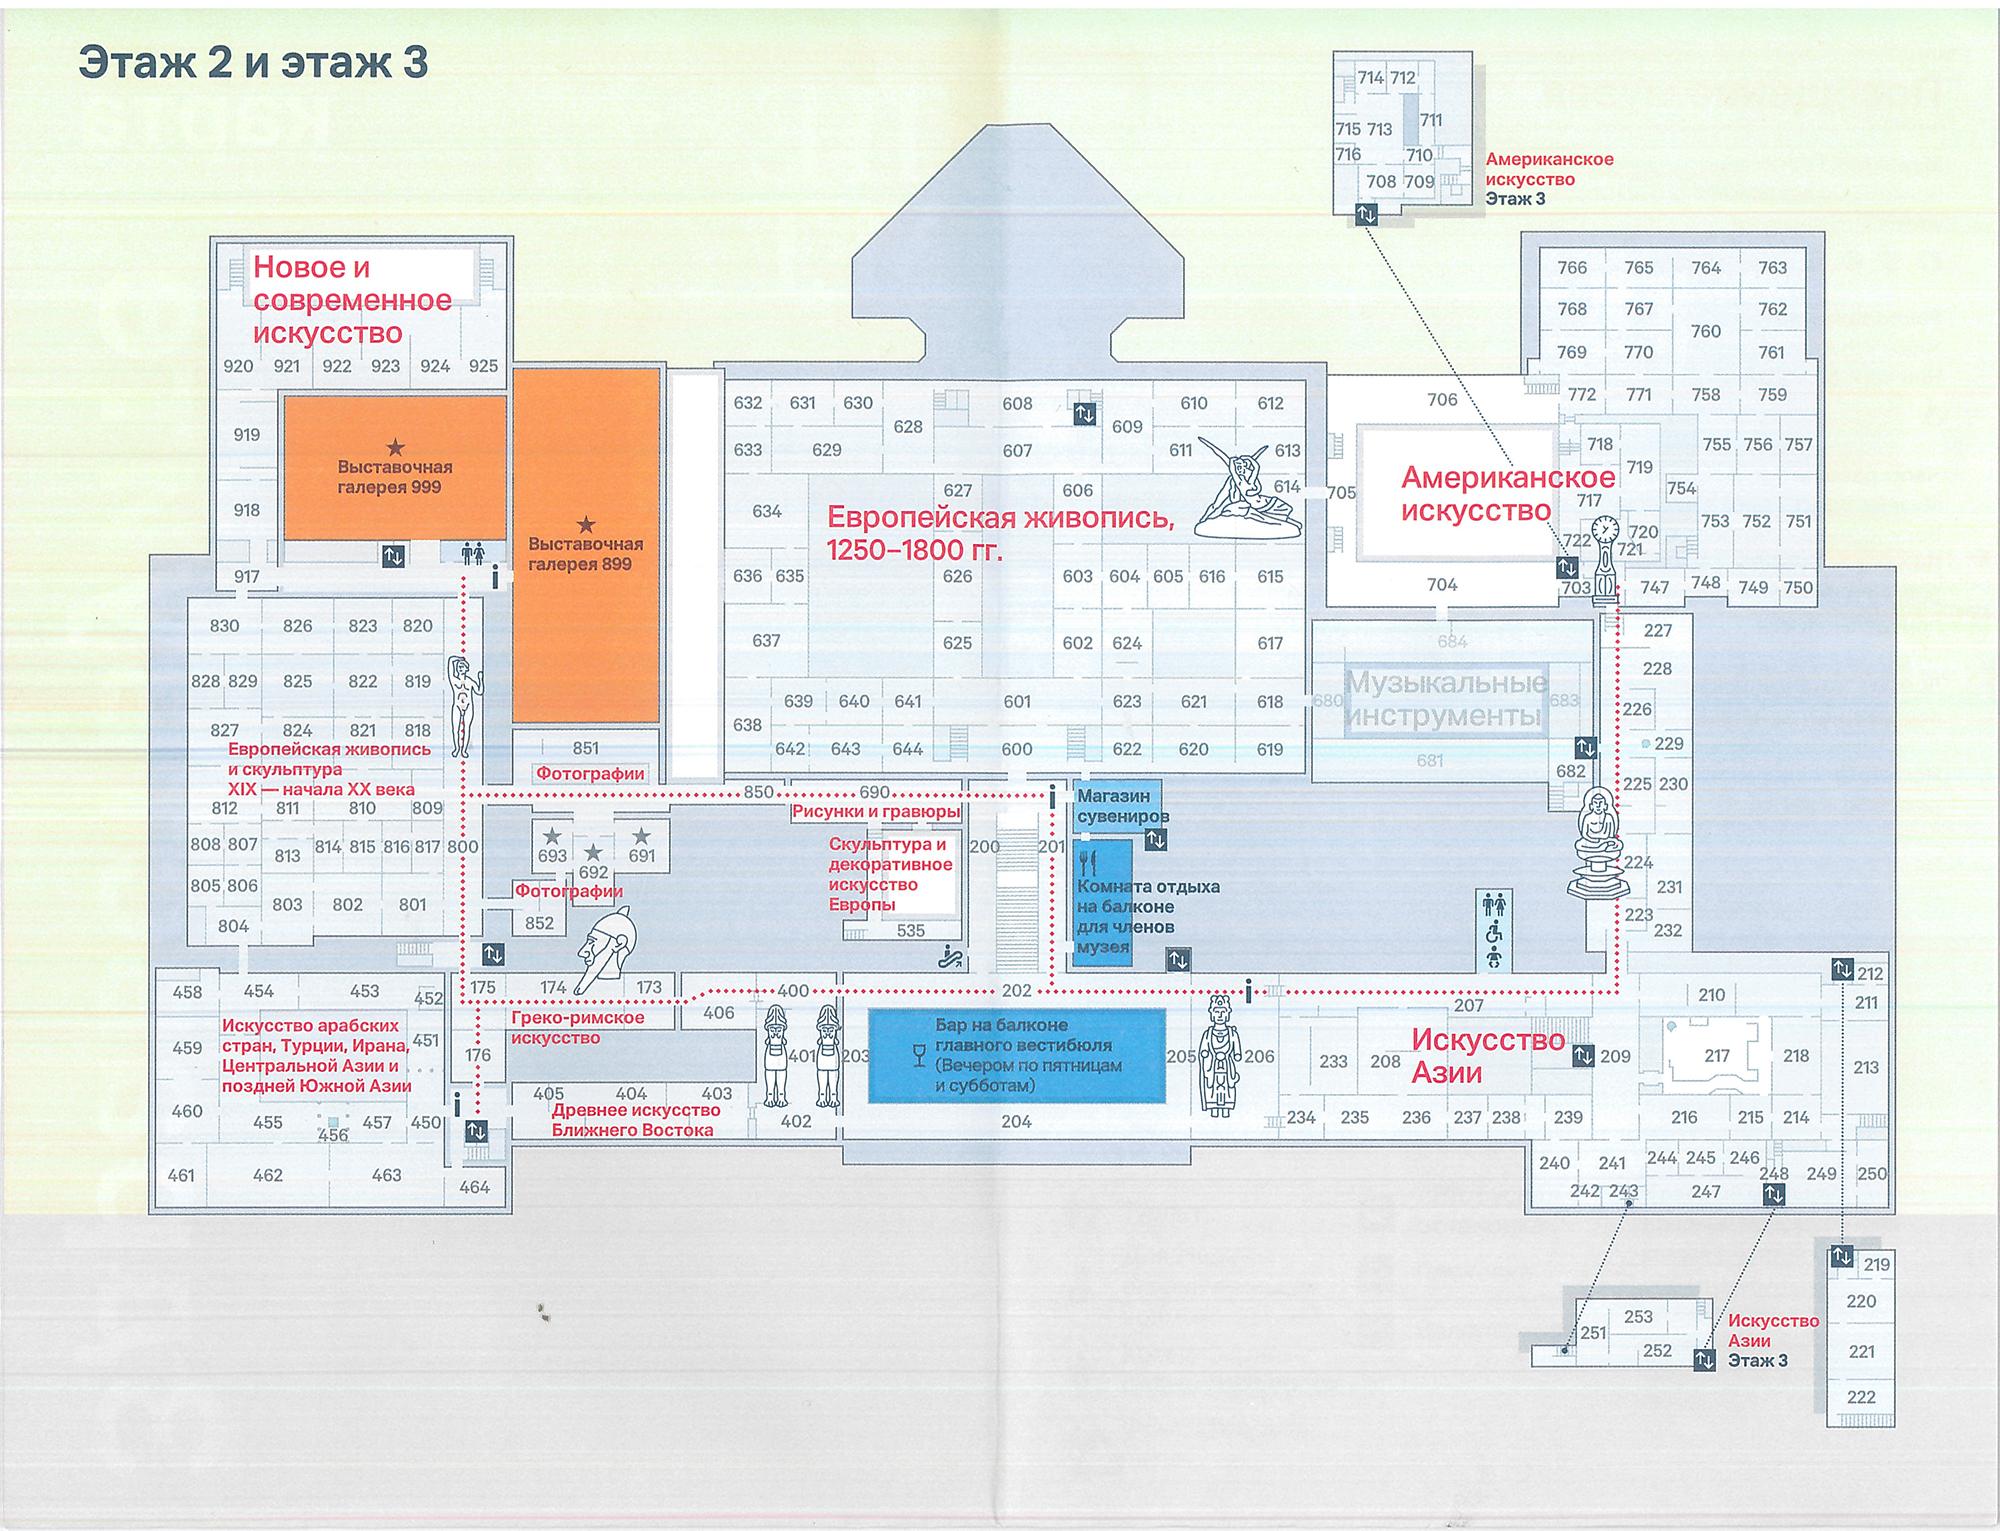 Этаж 2 и этаж 3